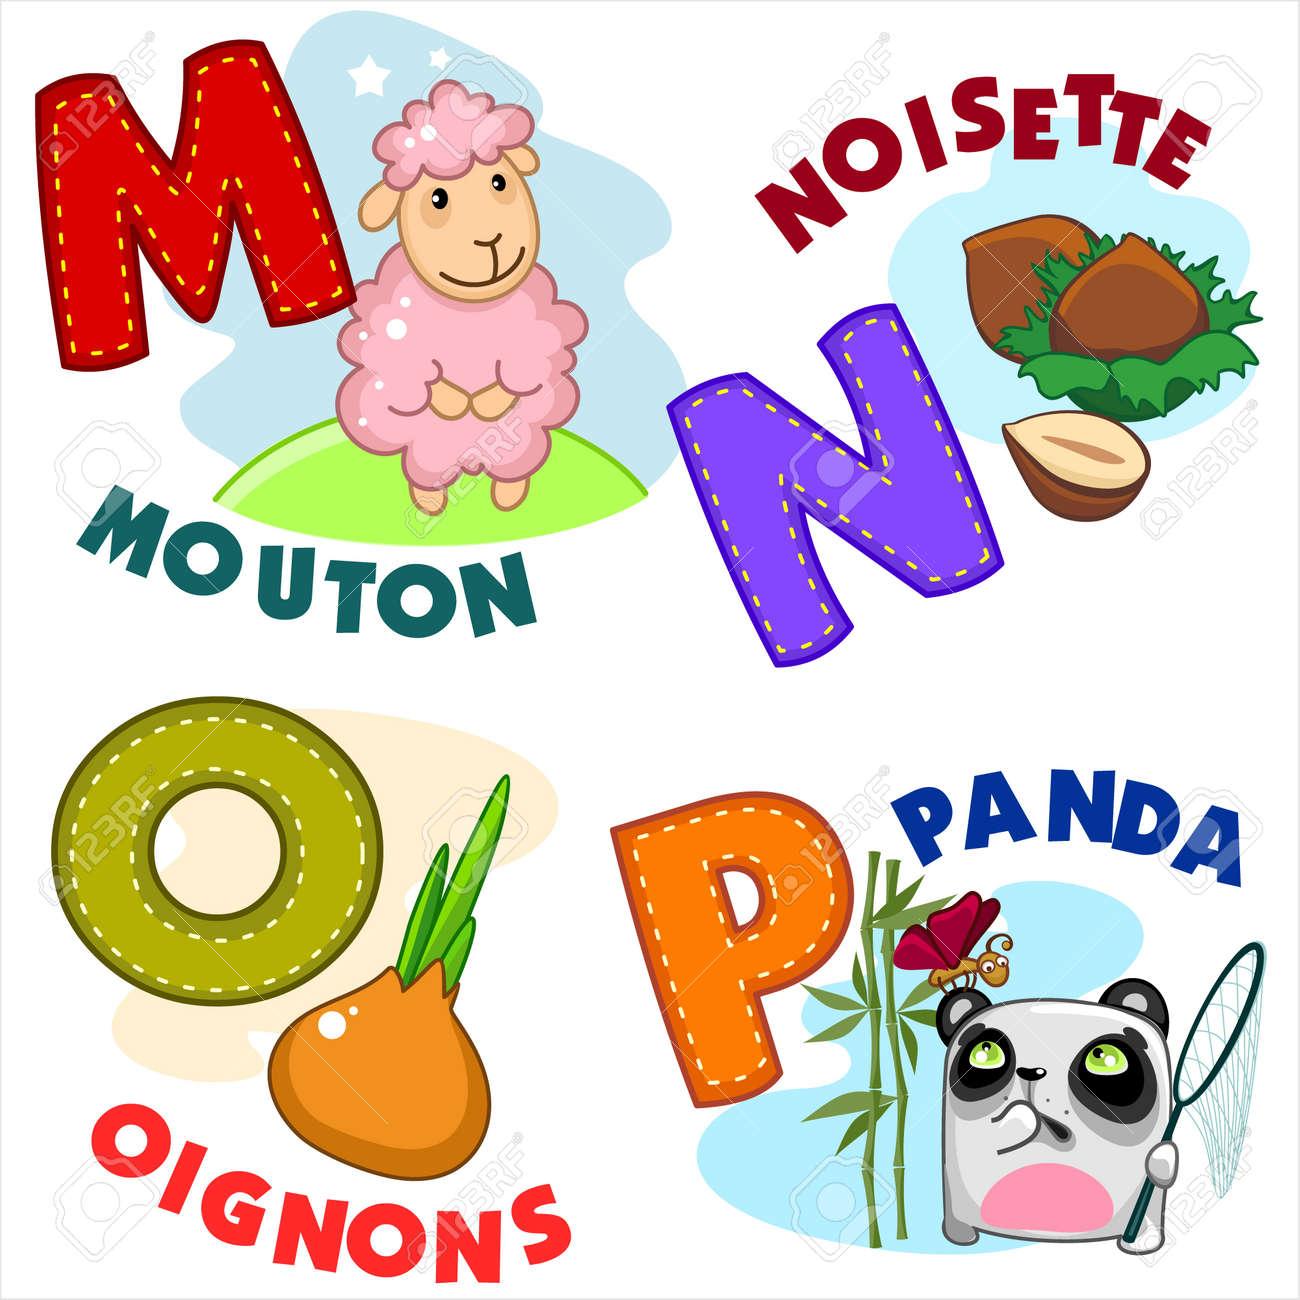 Französisch Alphabet Mit Buchstaben A MNOP Im Bild, Und Die Schafe ...